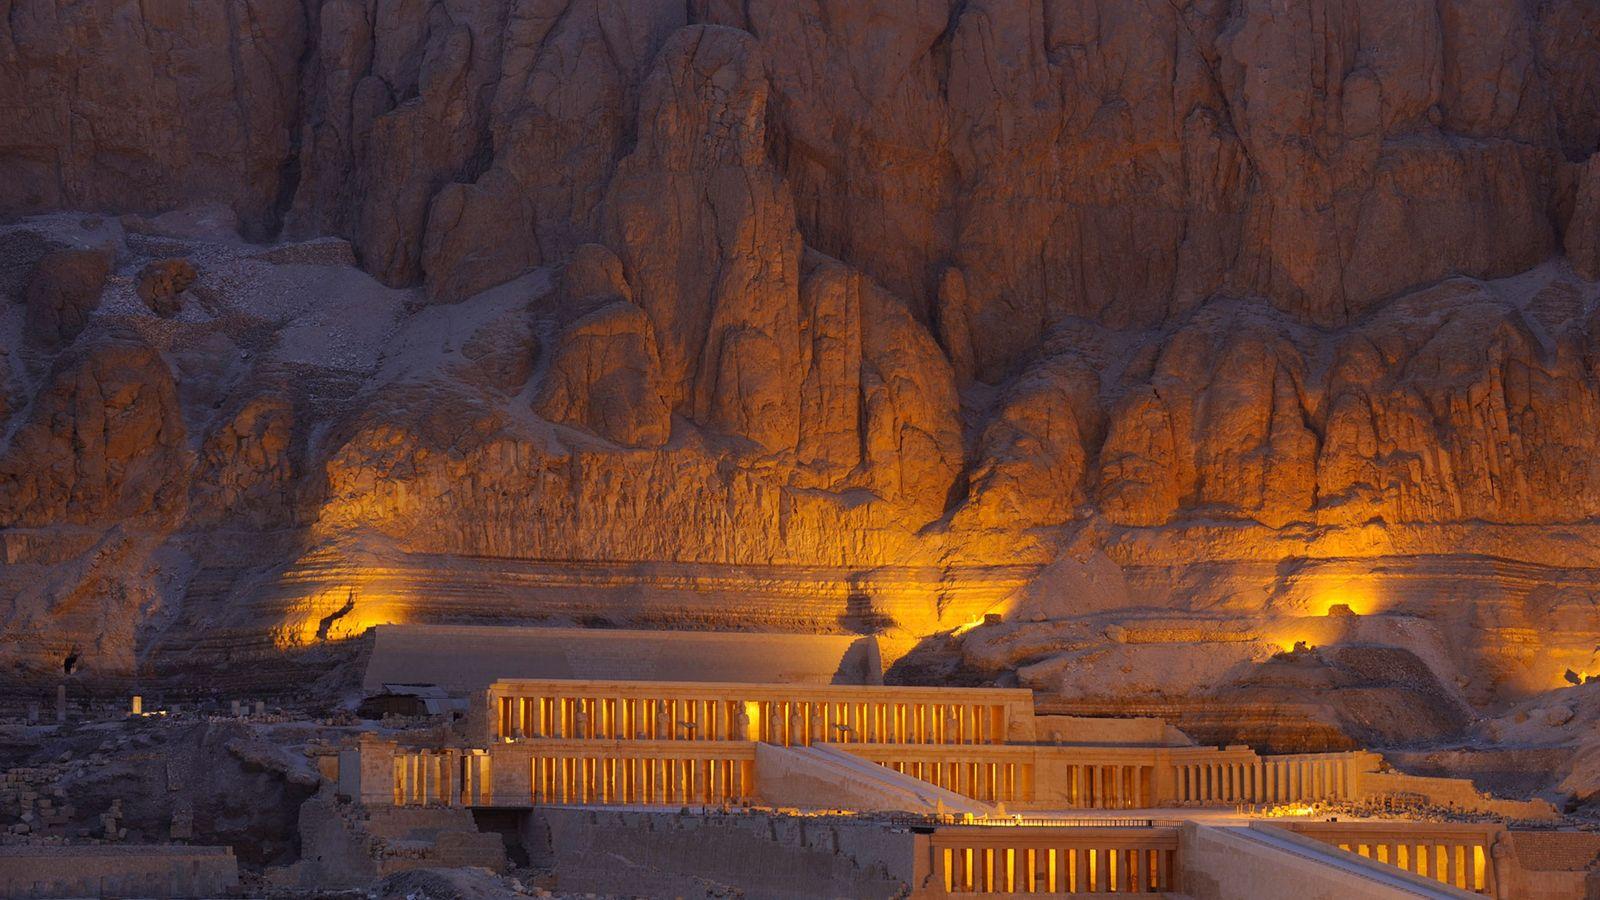 Le soleil se couche sur le Temple illuminé d'Hatchepsout.